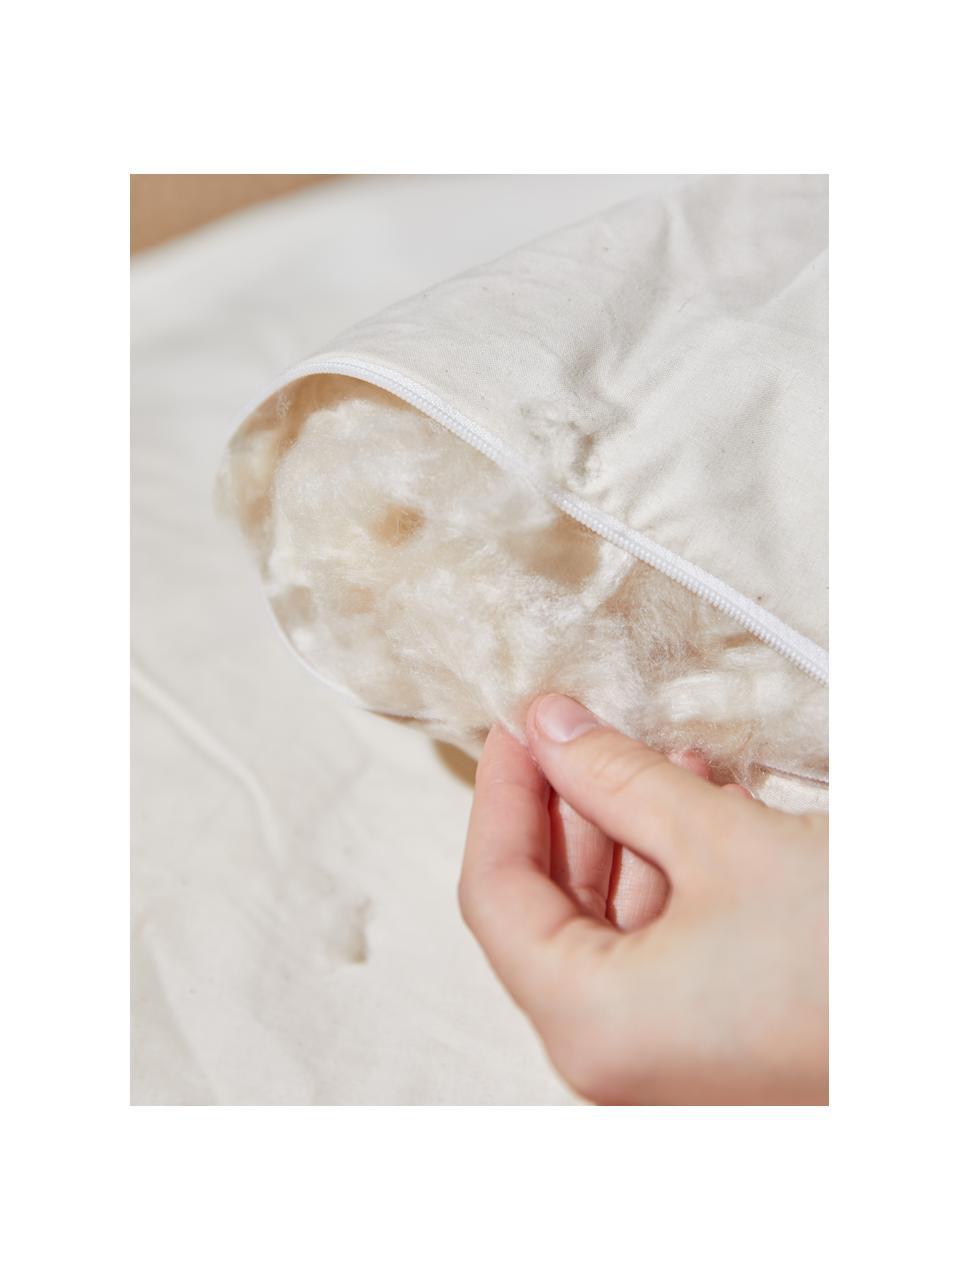 Vegane Bettdecke mit Kapokfaser und Baumwolle, warm, Bezug: 100% Baumwolle, warm, 240 x 220 cm